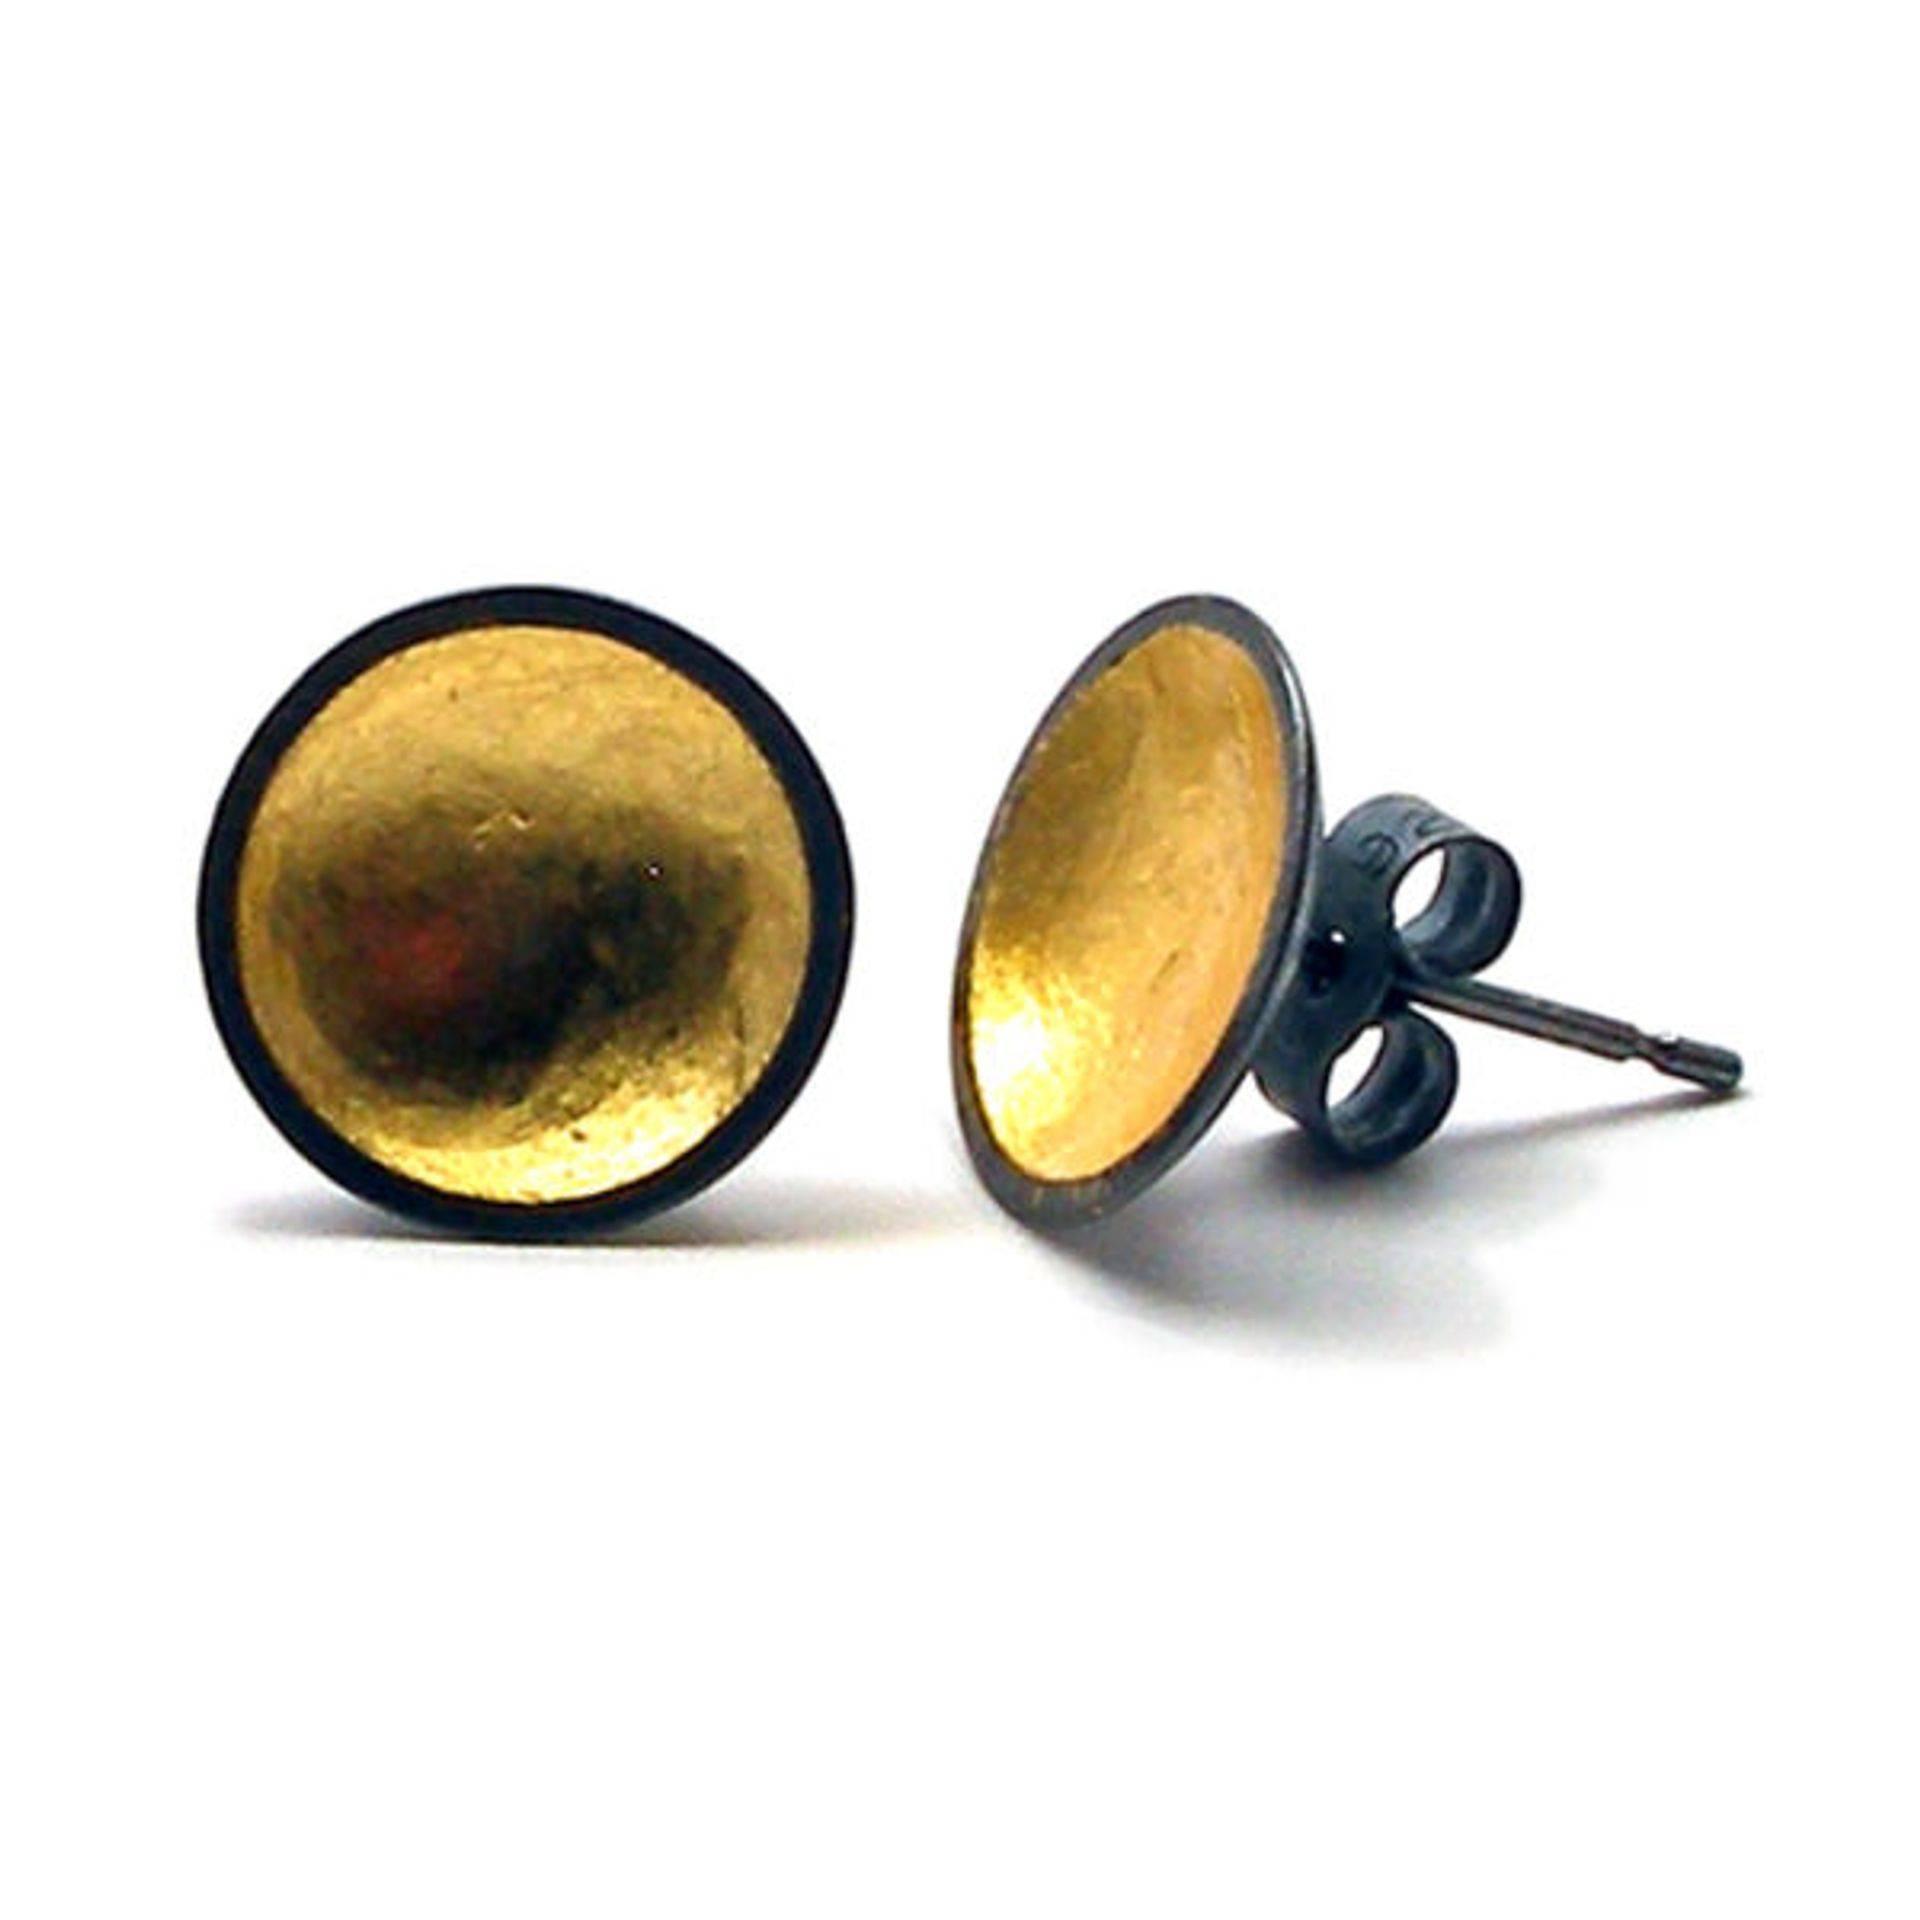 Oxidised silver ringd